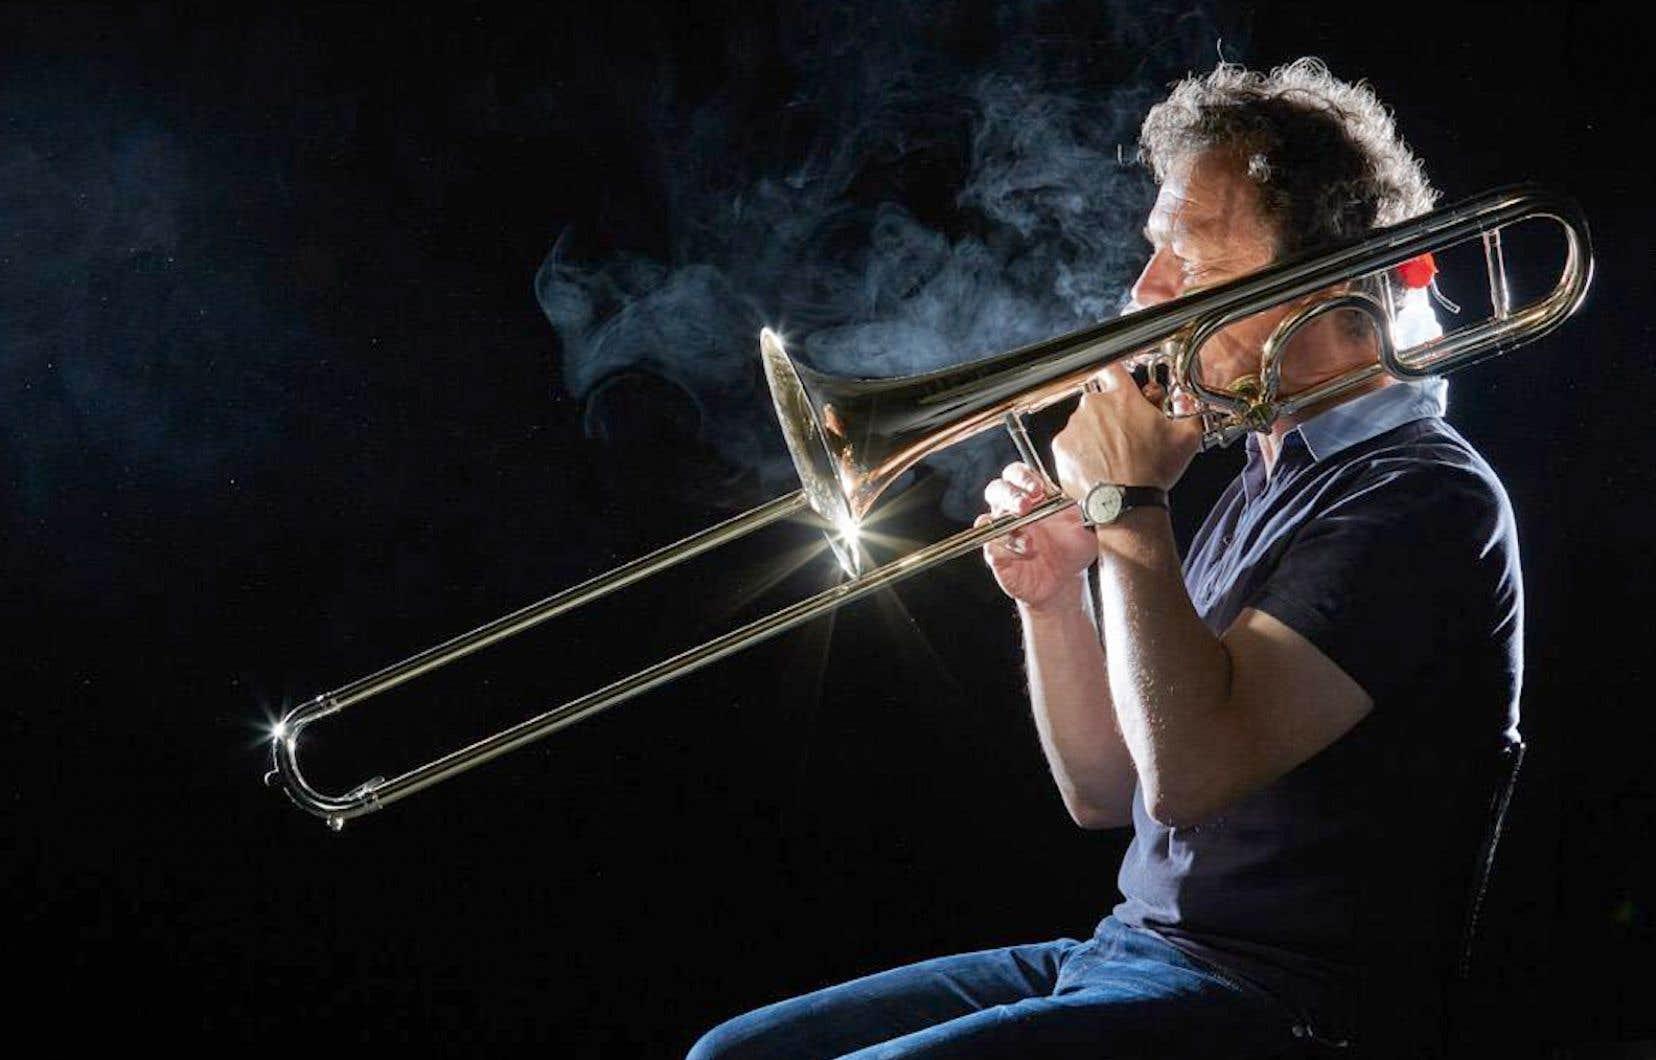 Selon la méthode retenue pour l'étude réalisée par le Philharmonique de Vienne, les instrumentistes placés dans une pièce noire sont violemment éclairés par des projecteurs latéraux. On visualise ainsi bien la dissipation du brouillard produit.